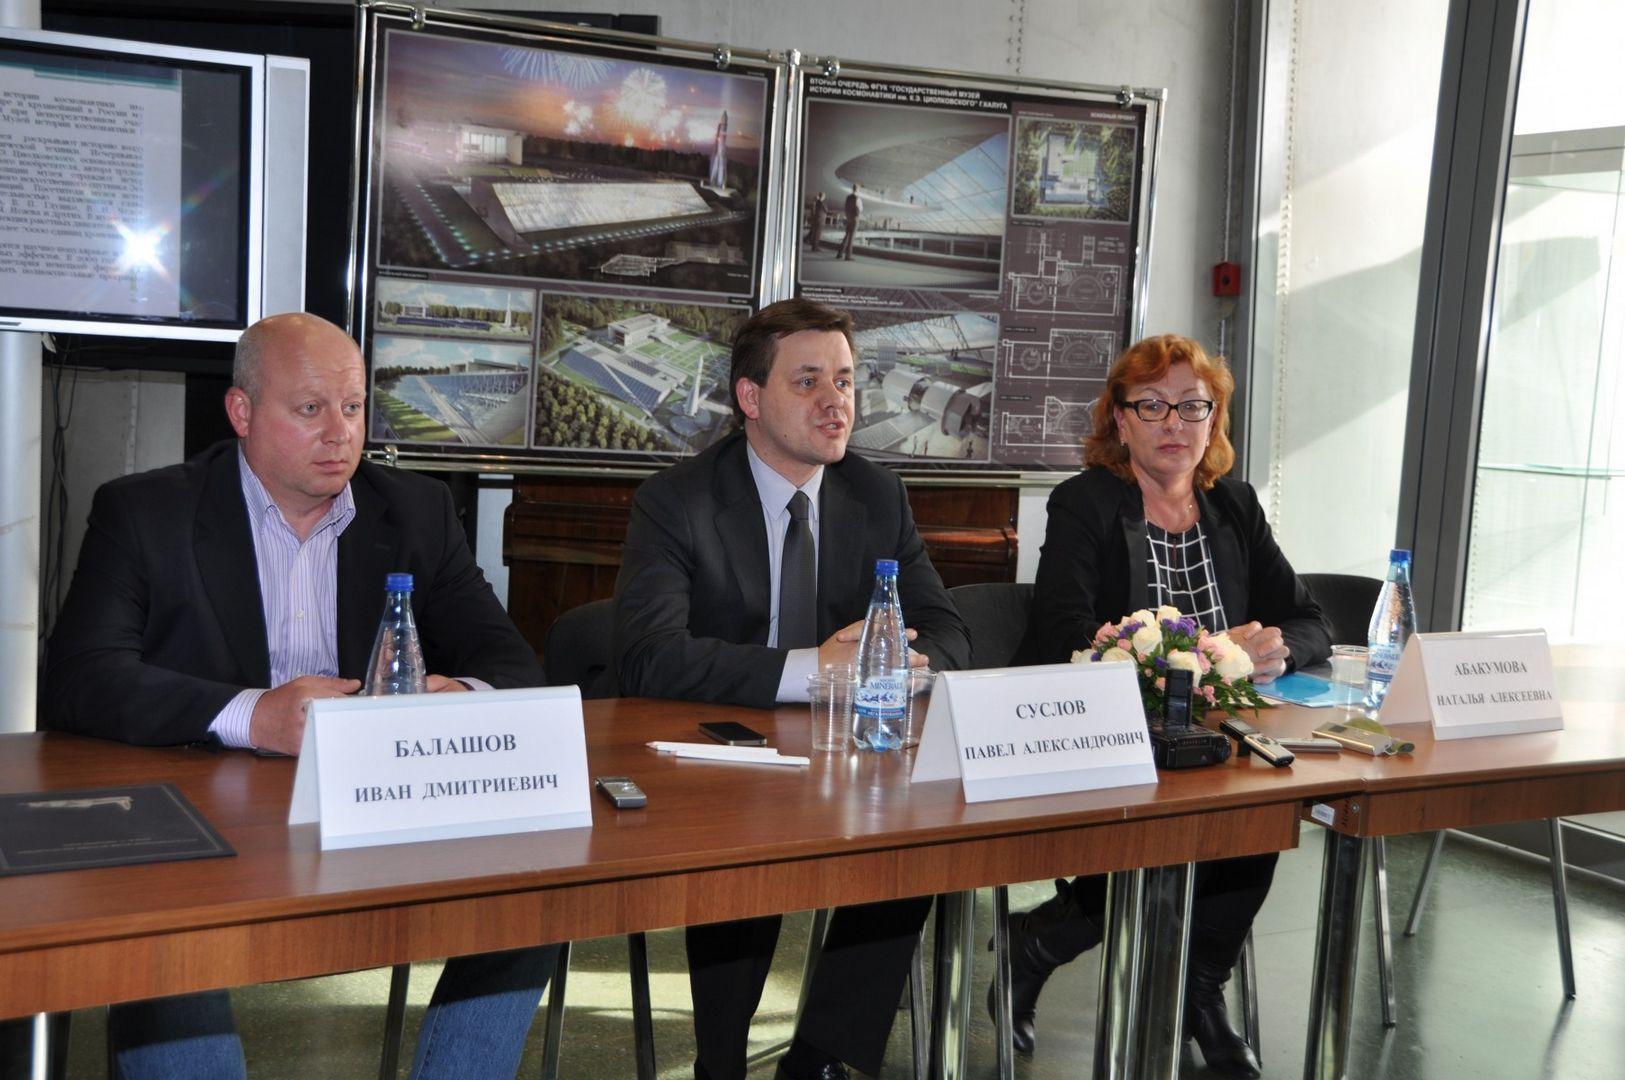 Пресс-конференция о ходе строительства 2-й очереди и работе музея по созданию новой экспозиции. 8 апреля 2015 года